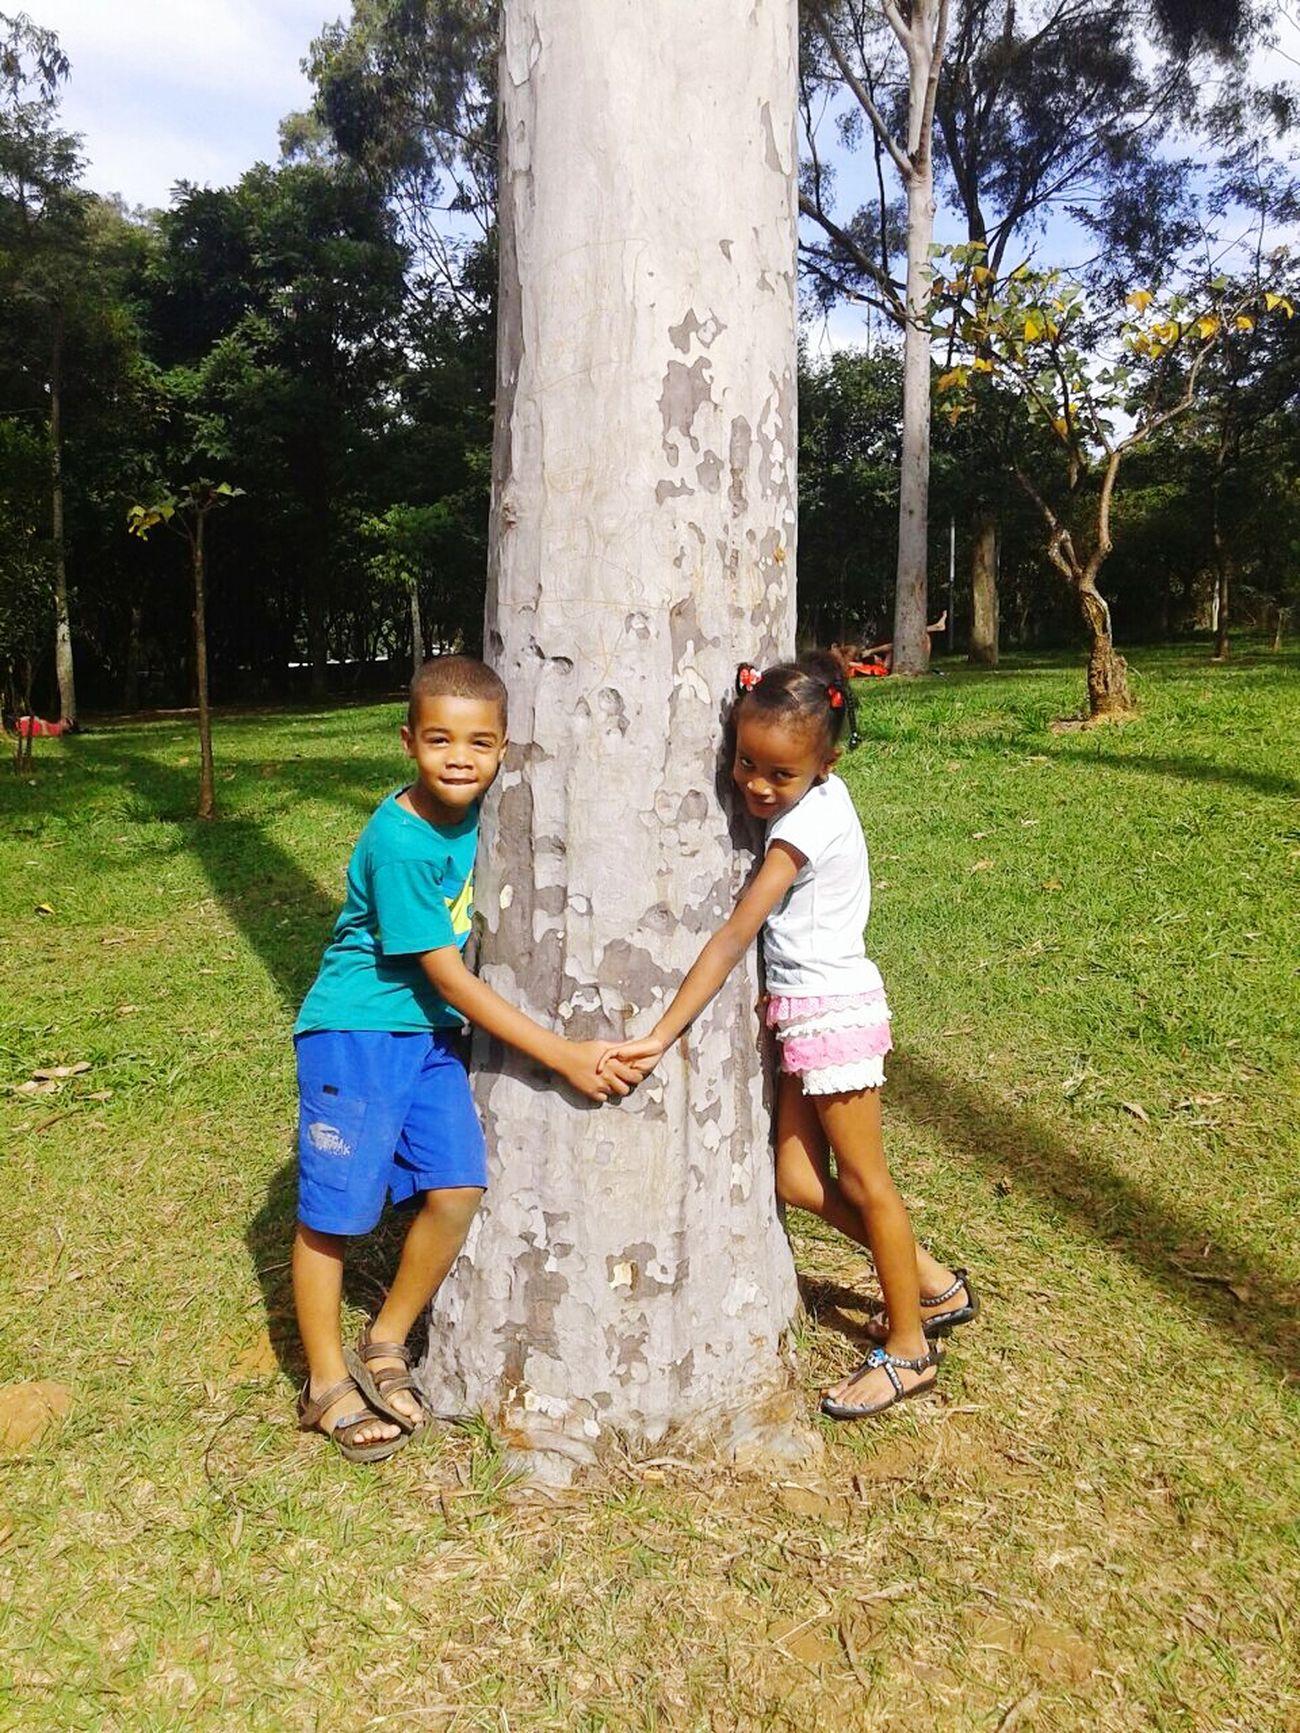 Amoanatureza Abraço Na árvore Os Sobrinhos Mais Lindos E Amados Da Tia.